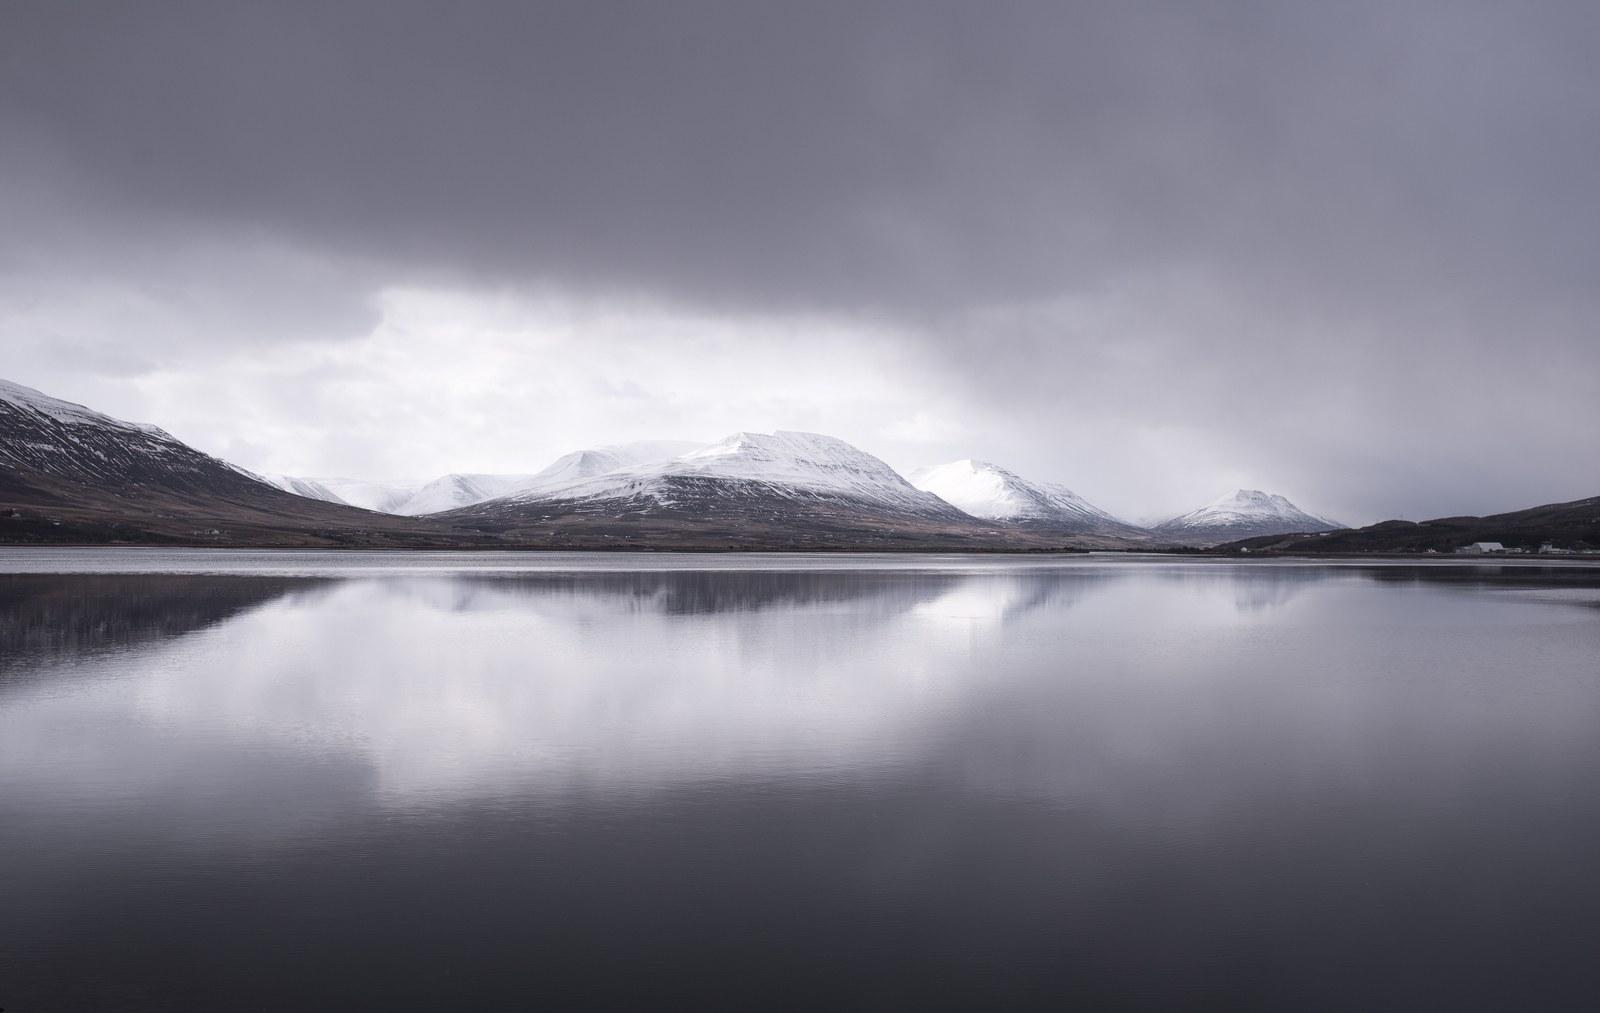 Paysages typiques, nord de l'Islande Akureyri